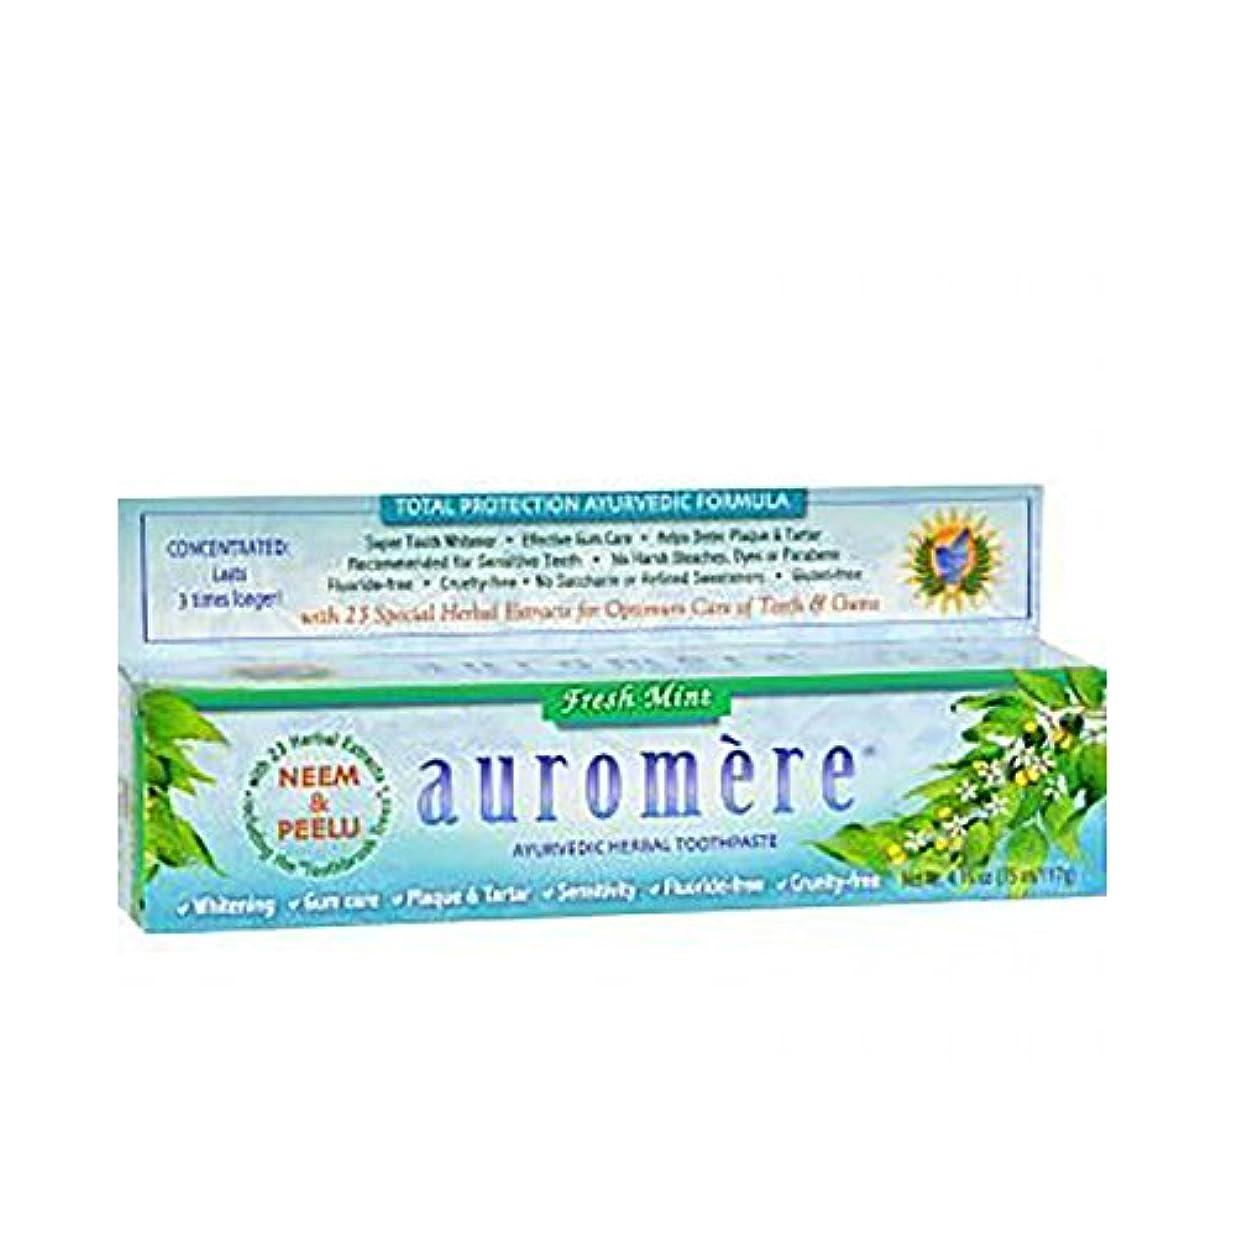 脆い種をまく世界の窓Auromere アーユルヴェーダのハーブの歯磨き粉フレッシュミントによって - 4.16オンス - ニームやビーガンと、ナチュラル、フッ化物無料